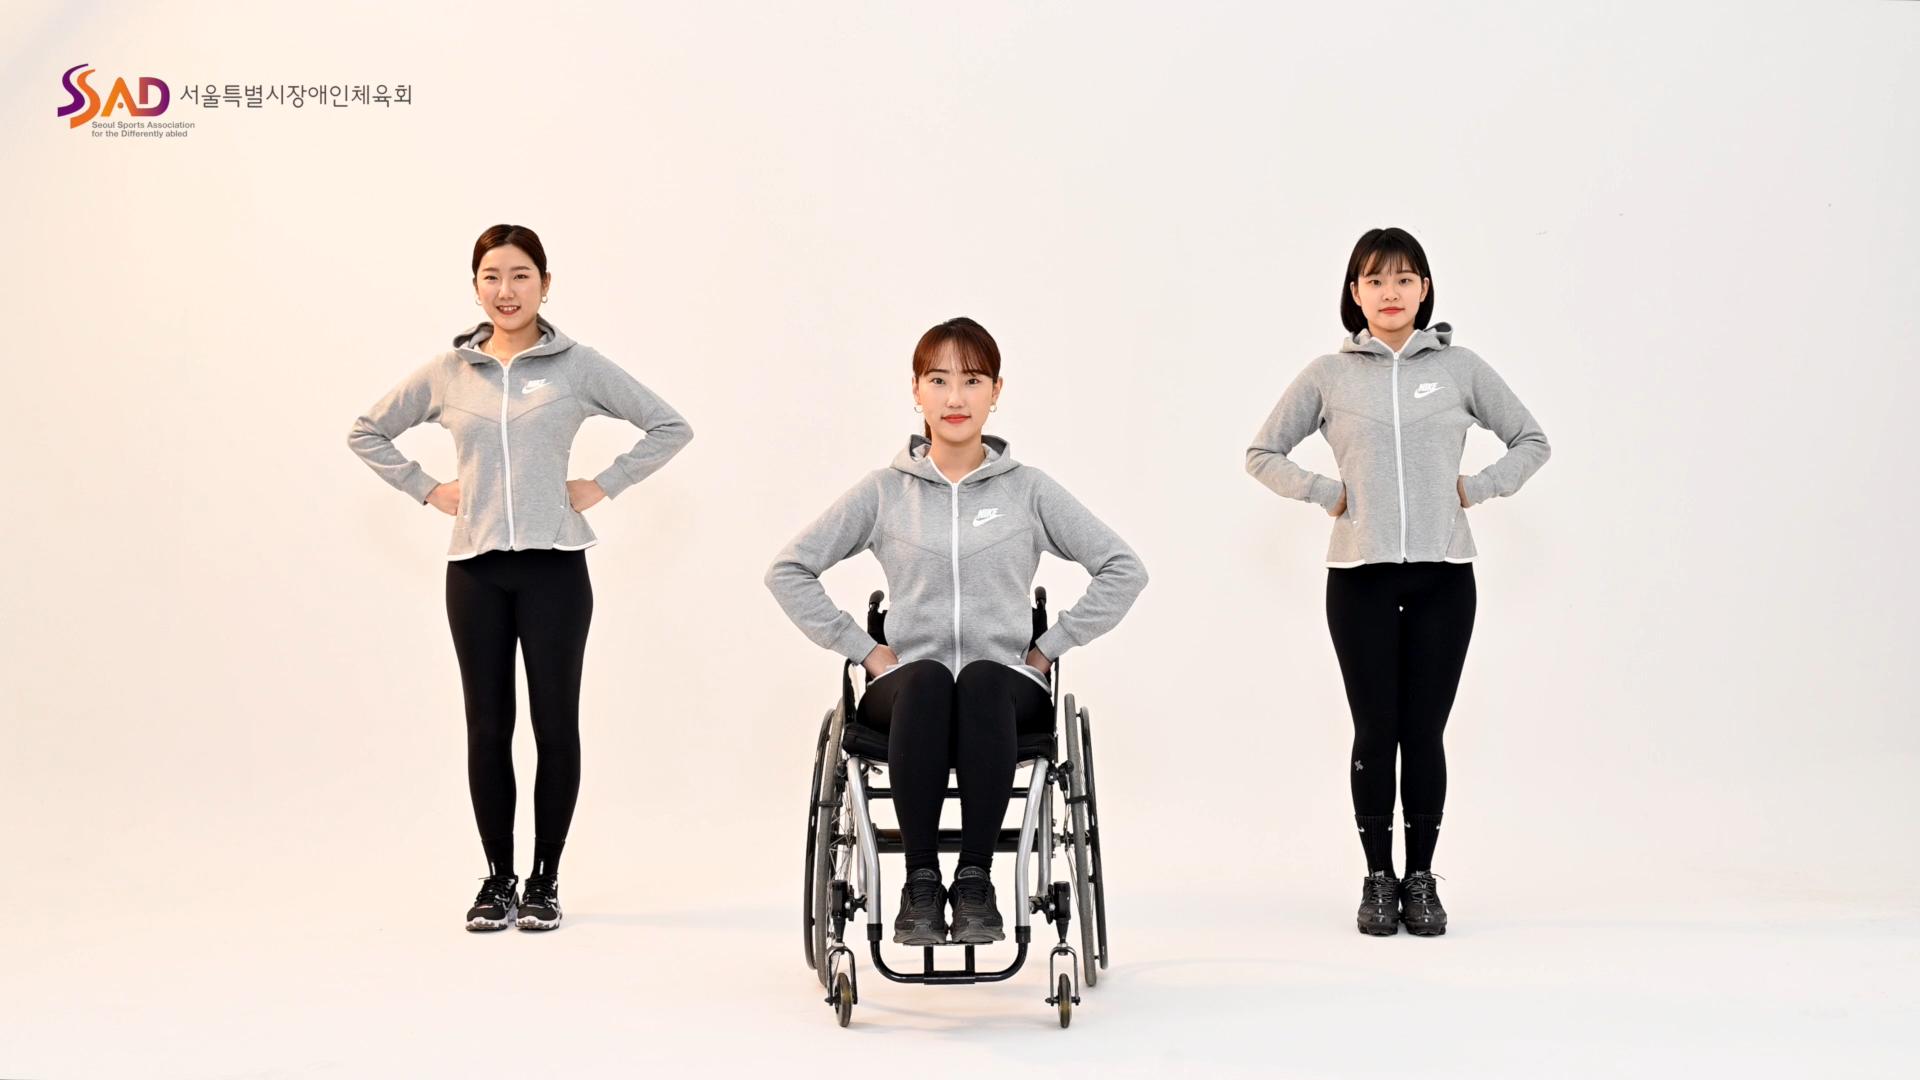 [서울특별시장애인체육회 비대면 운동 프로그램 3편 - 프로미스나인(fromis_9) 'FUN!' 홈트레이닝 댄스편' ]